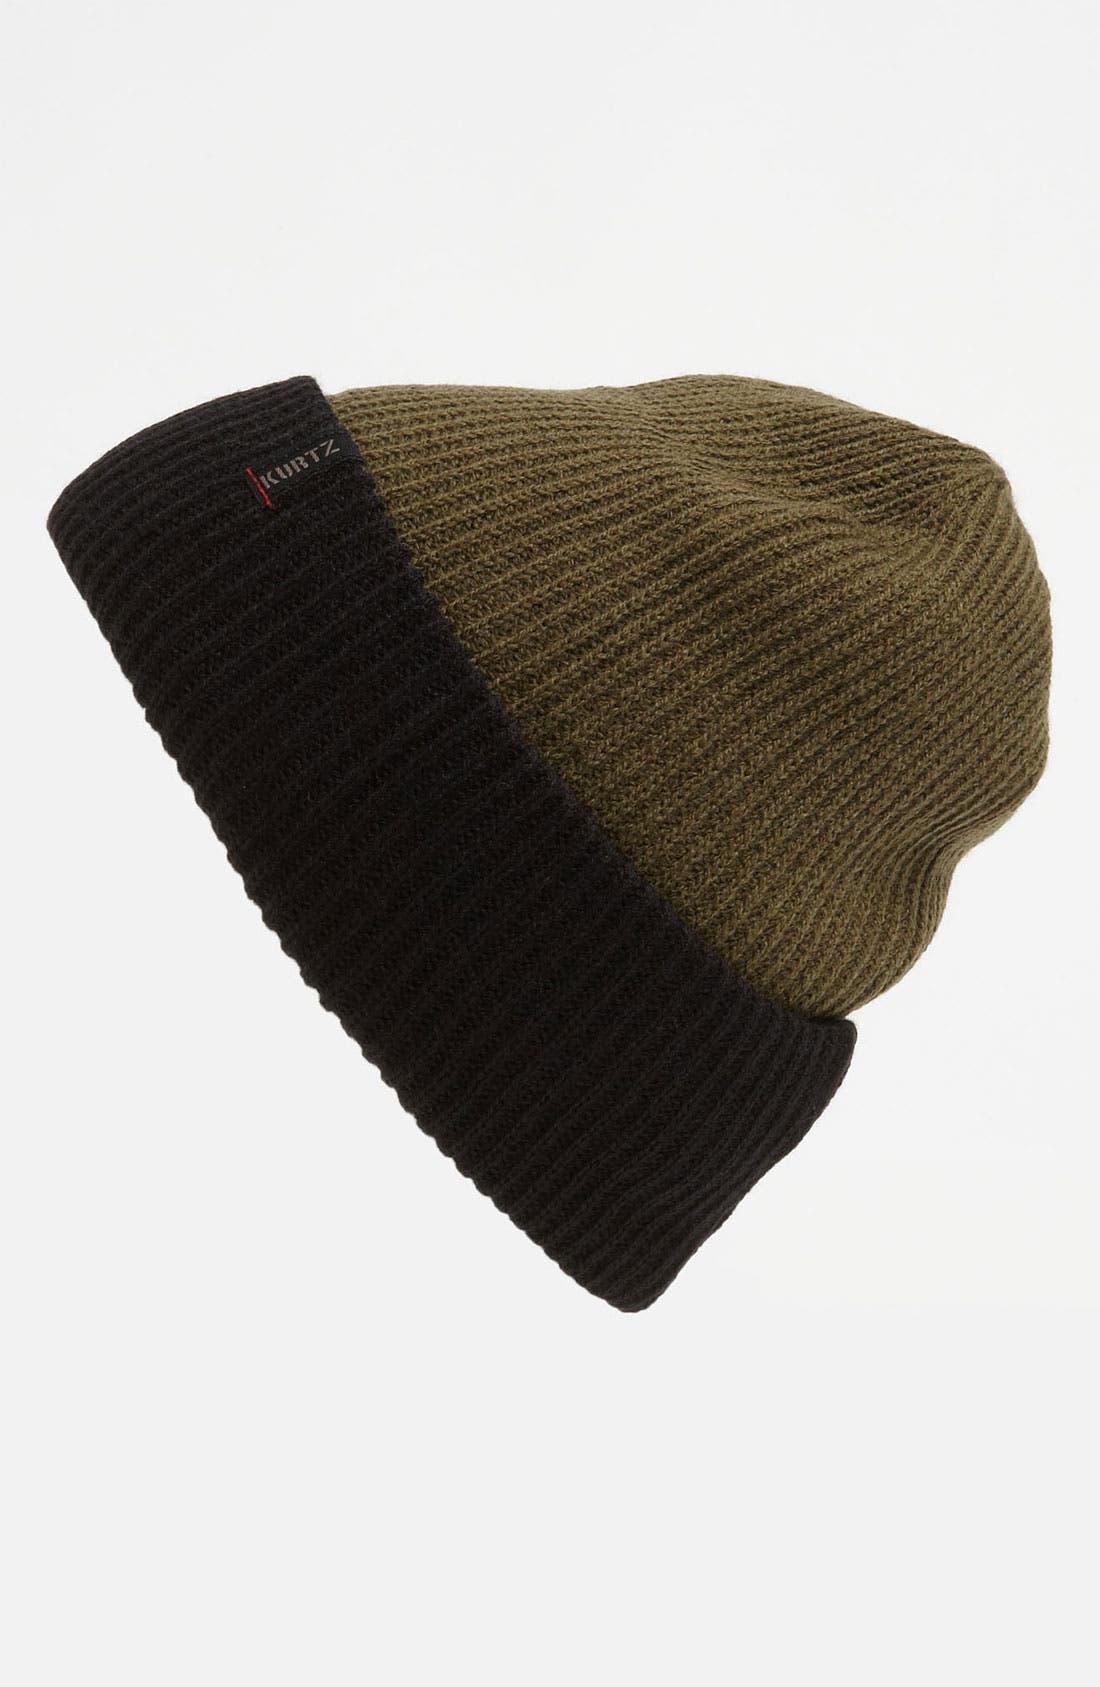 Alternate Image 1 Selected - A. Kurtz 'Wayne' 4-in-1 Reversible Wool Blend Beanie